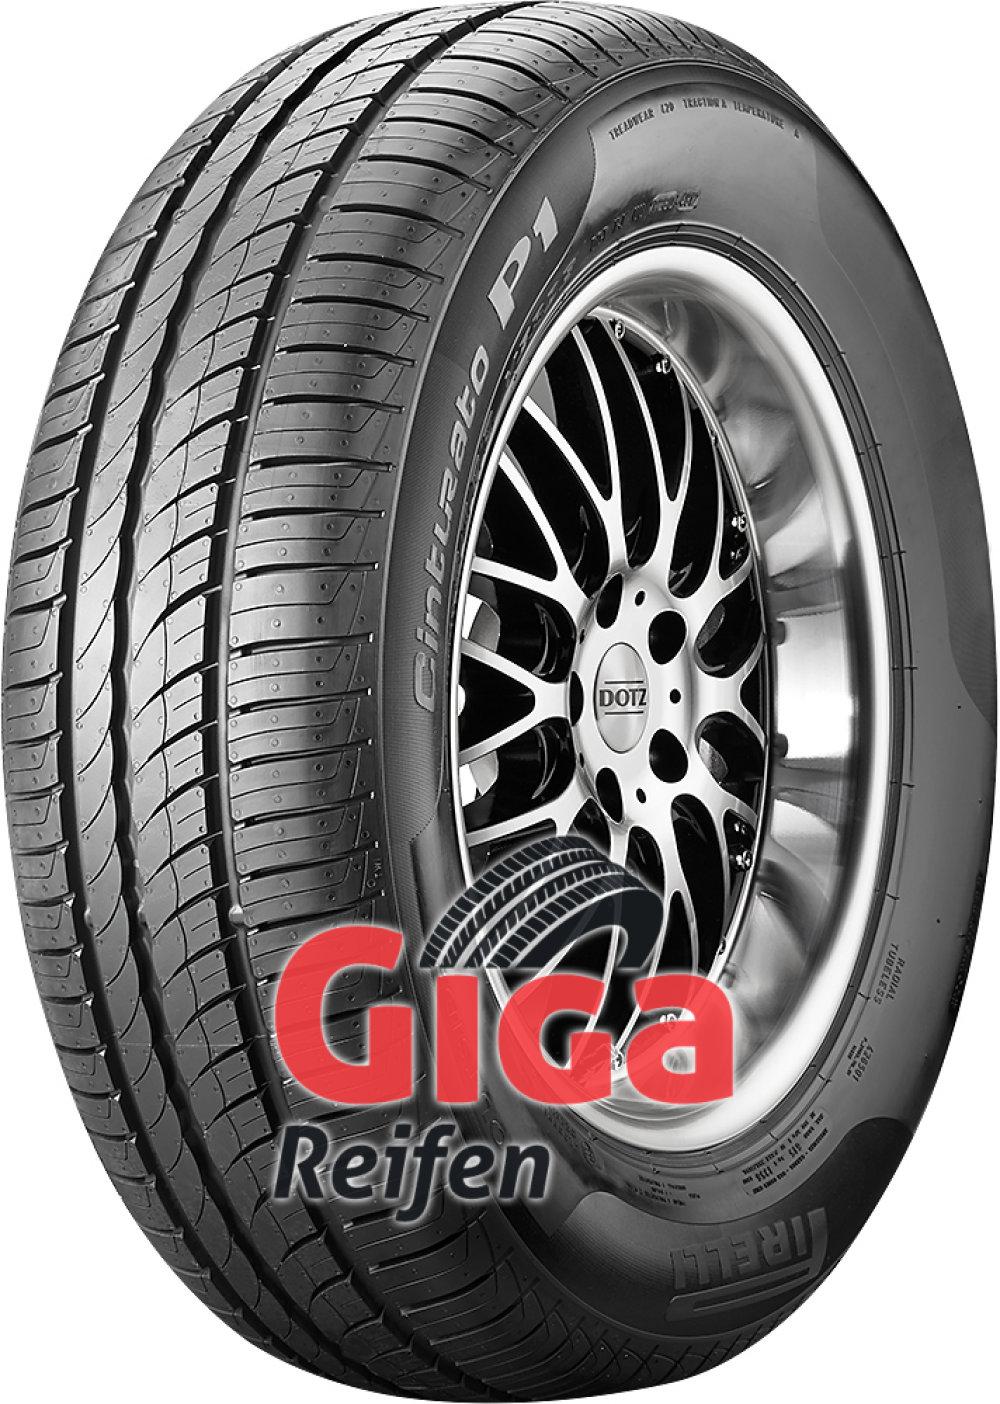 Pirelli Cinturato P1 Verde ( 185/55 R16 83V ECOIMPACT )